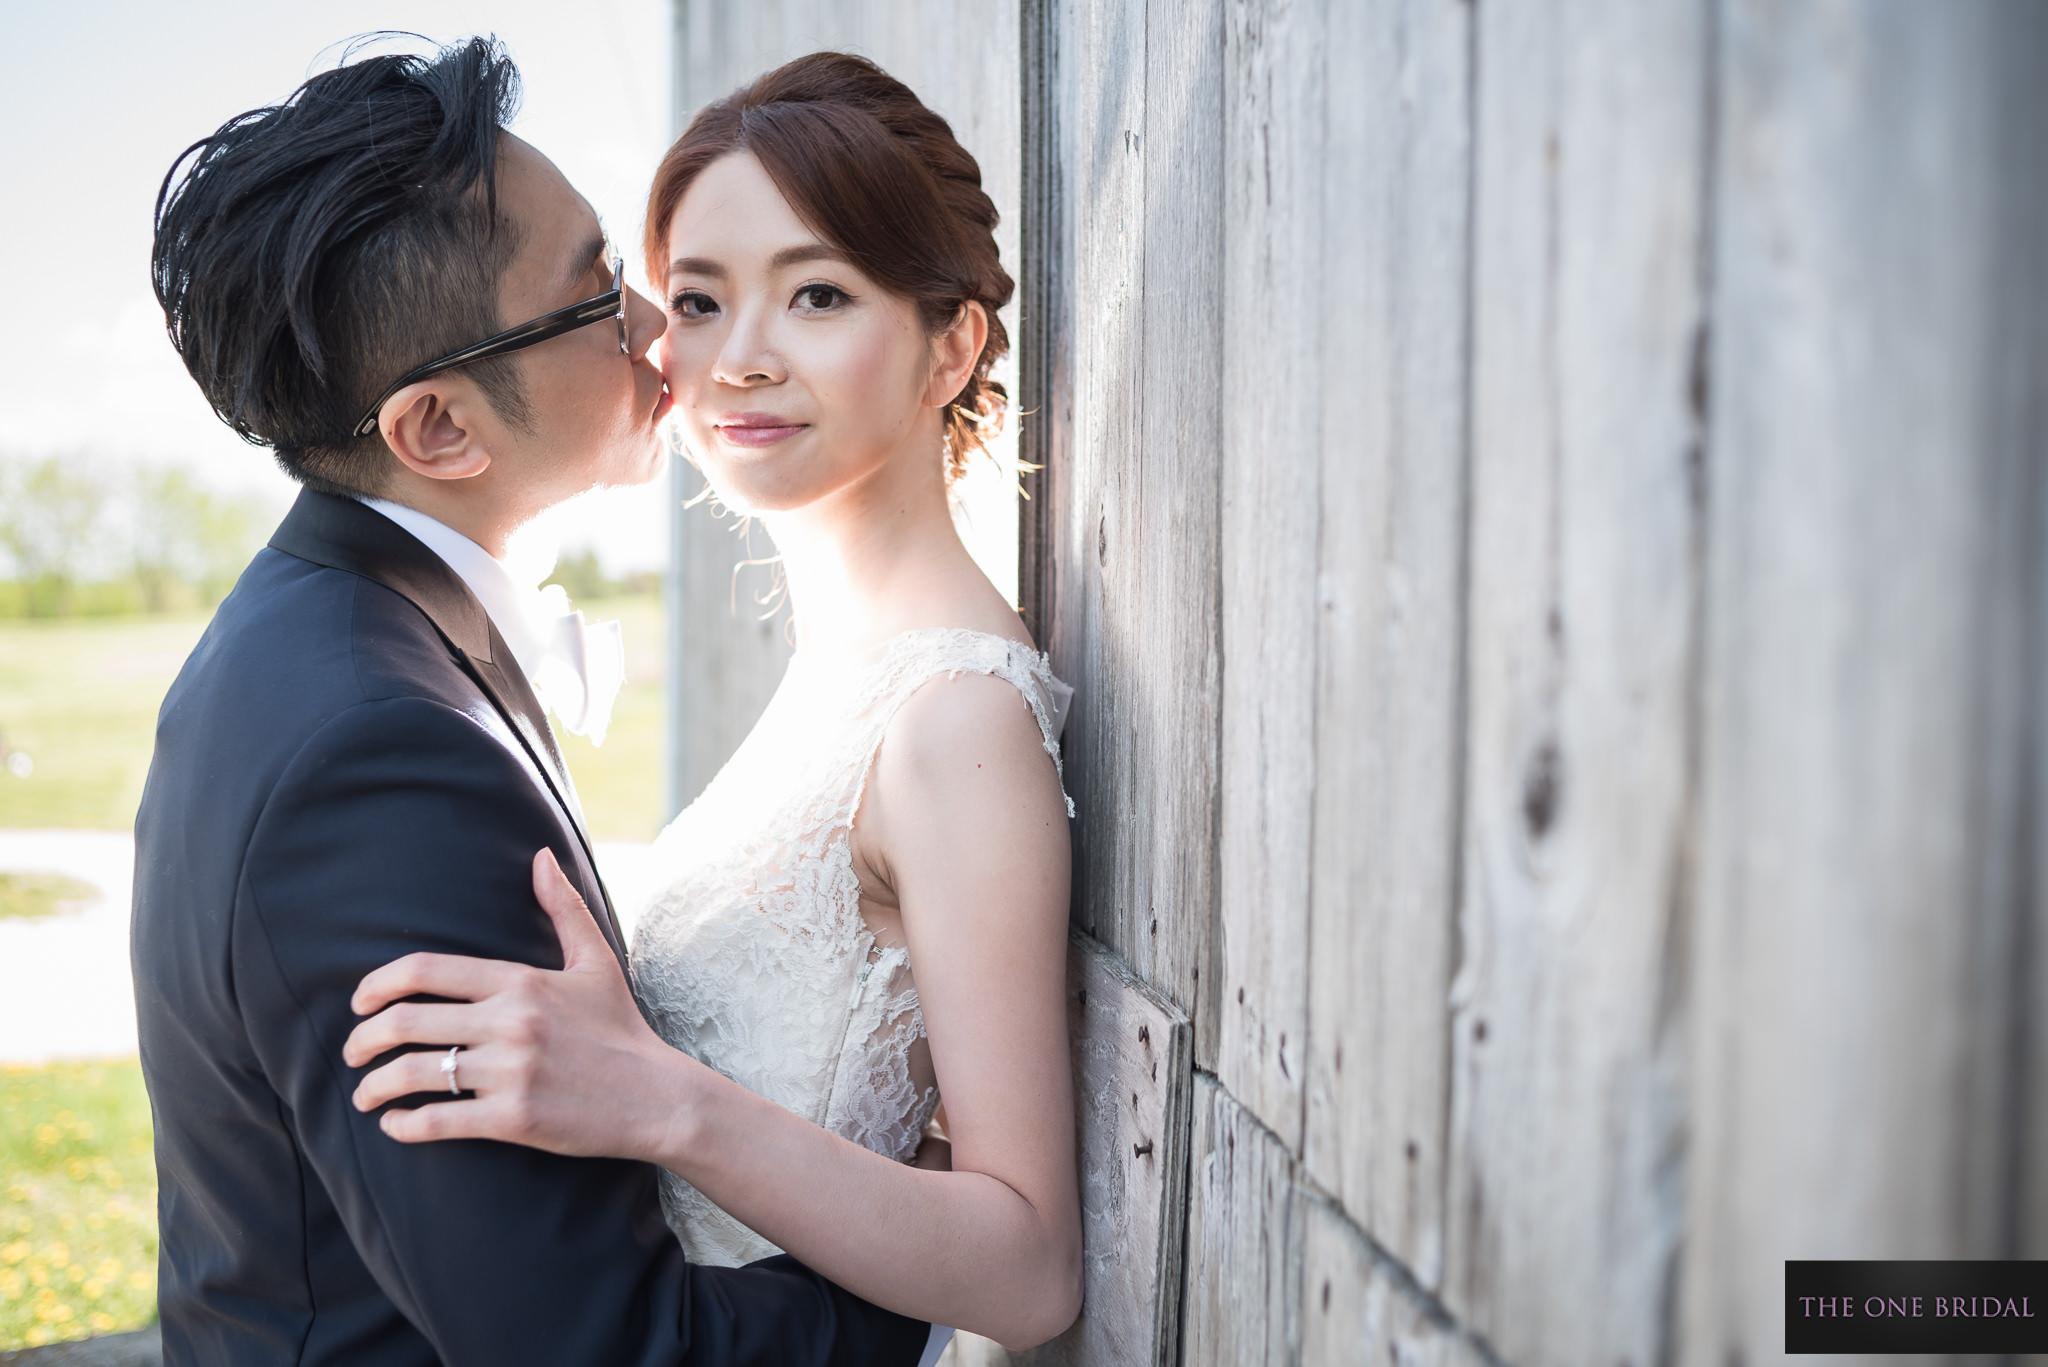 mandarin-golf-club-wedding-markham-the-one-bridal-093